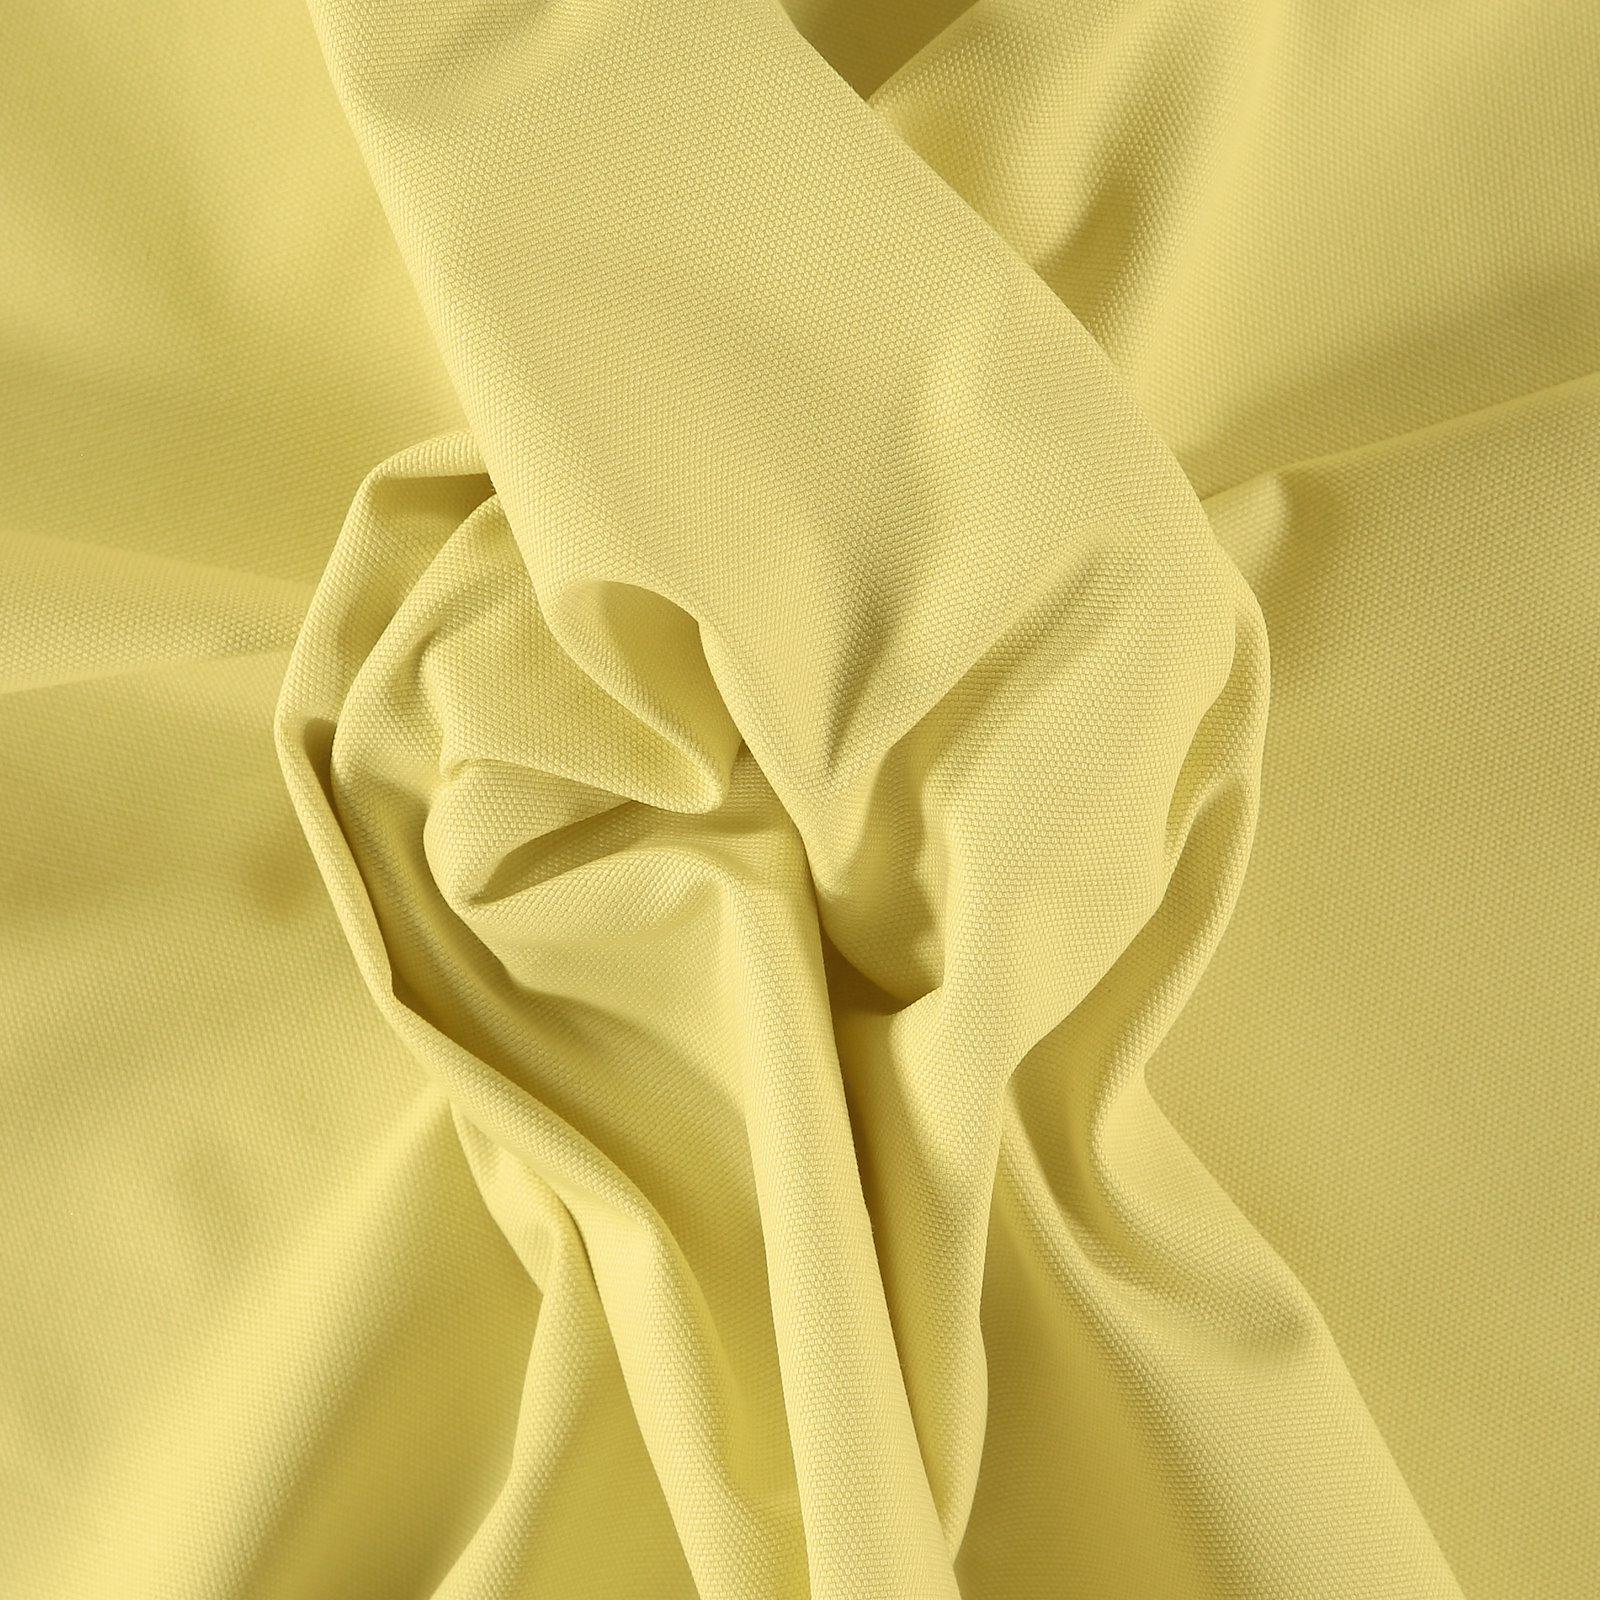 Cotton canvas light lemon 780480_pack